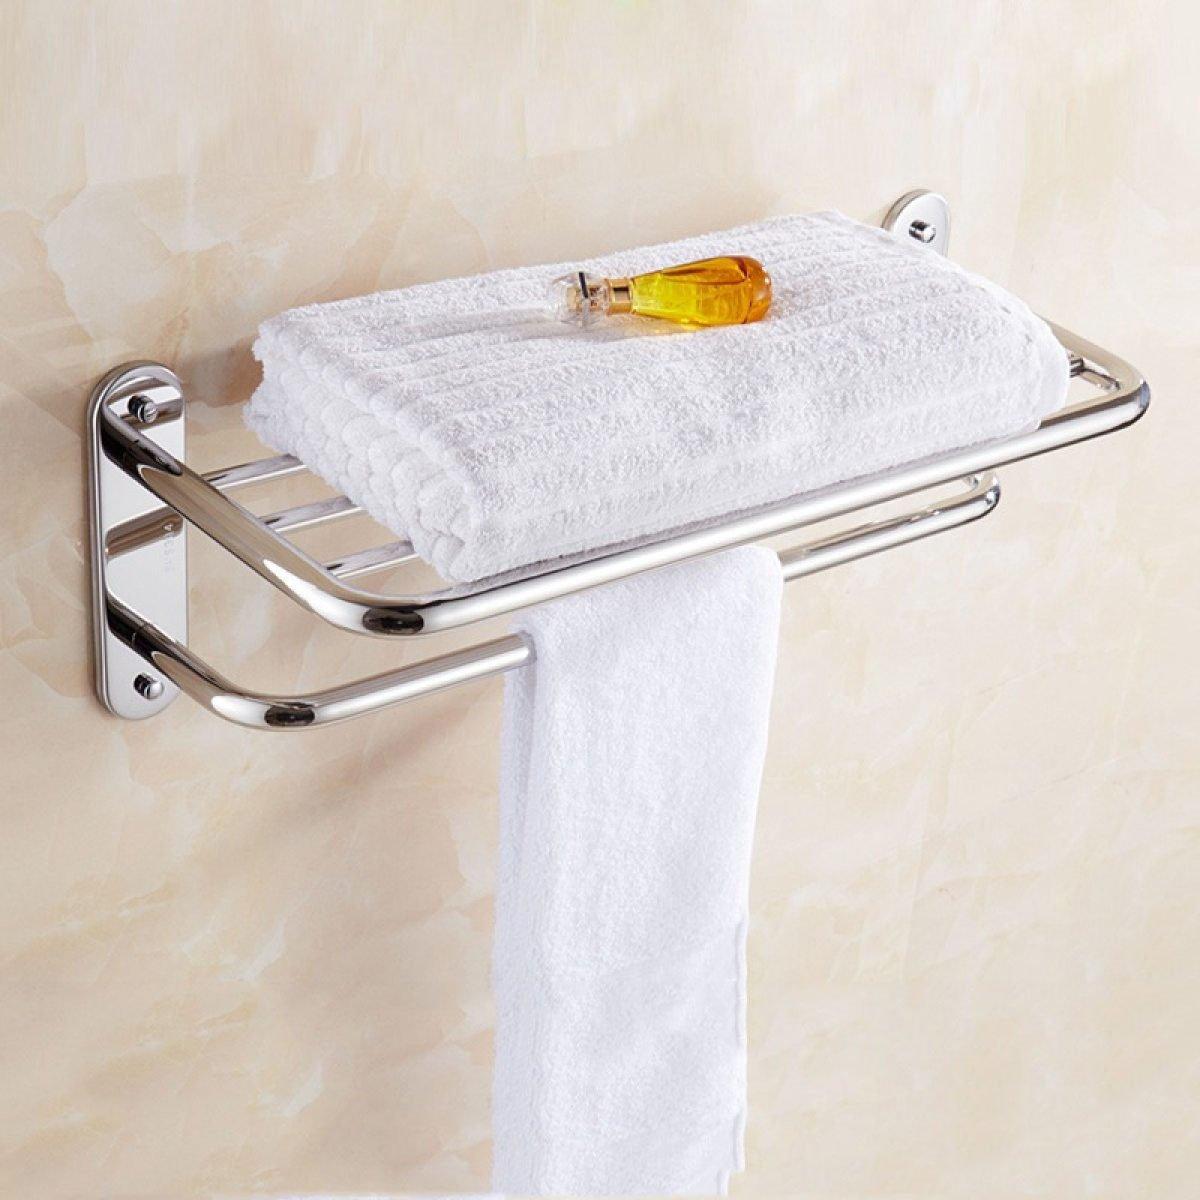 WHUA 304 Edelstahl Handtuchhalter Badezimmer Hardware Zubehör,DoubleLayer-40cm B074JYMF5R Toilettenpapieraufbewahrung